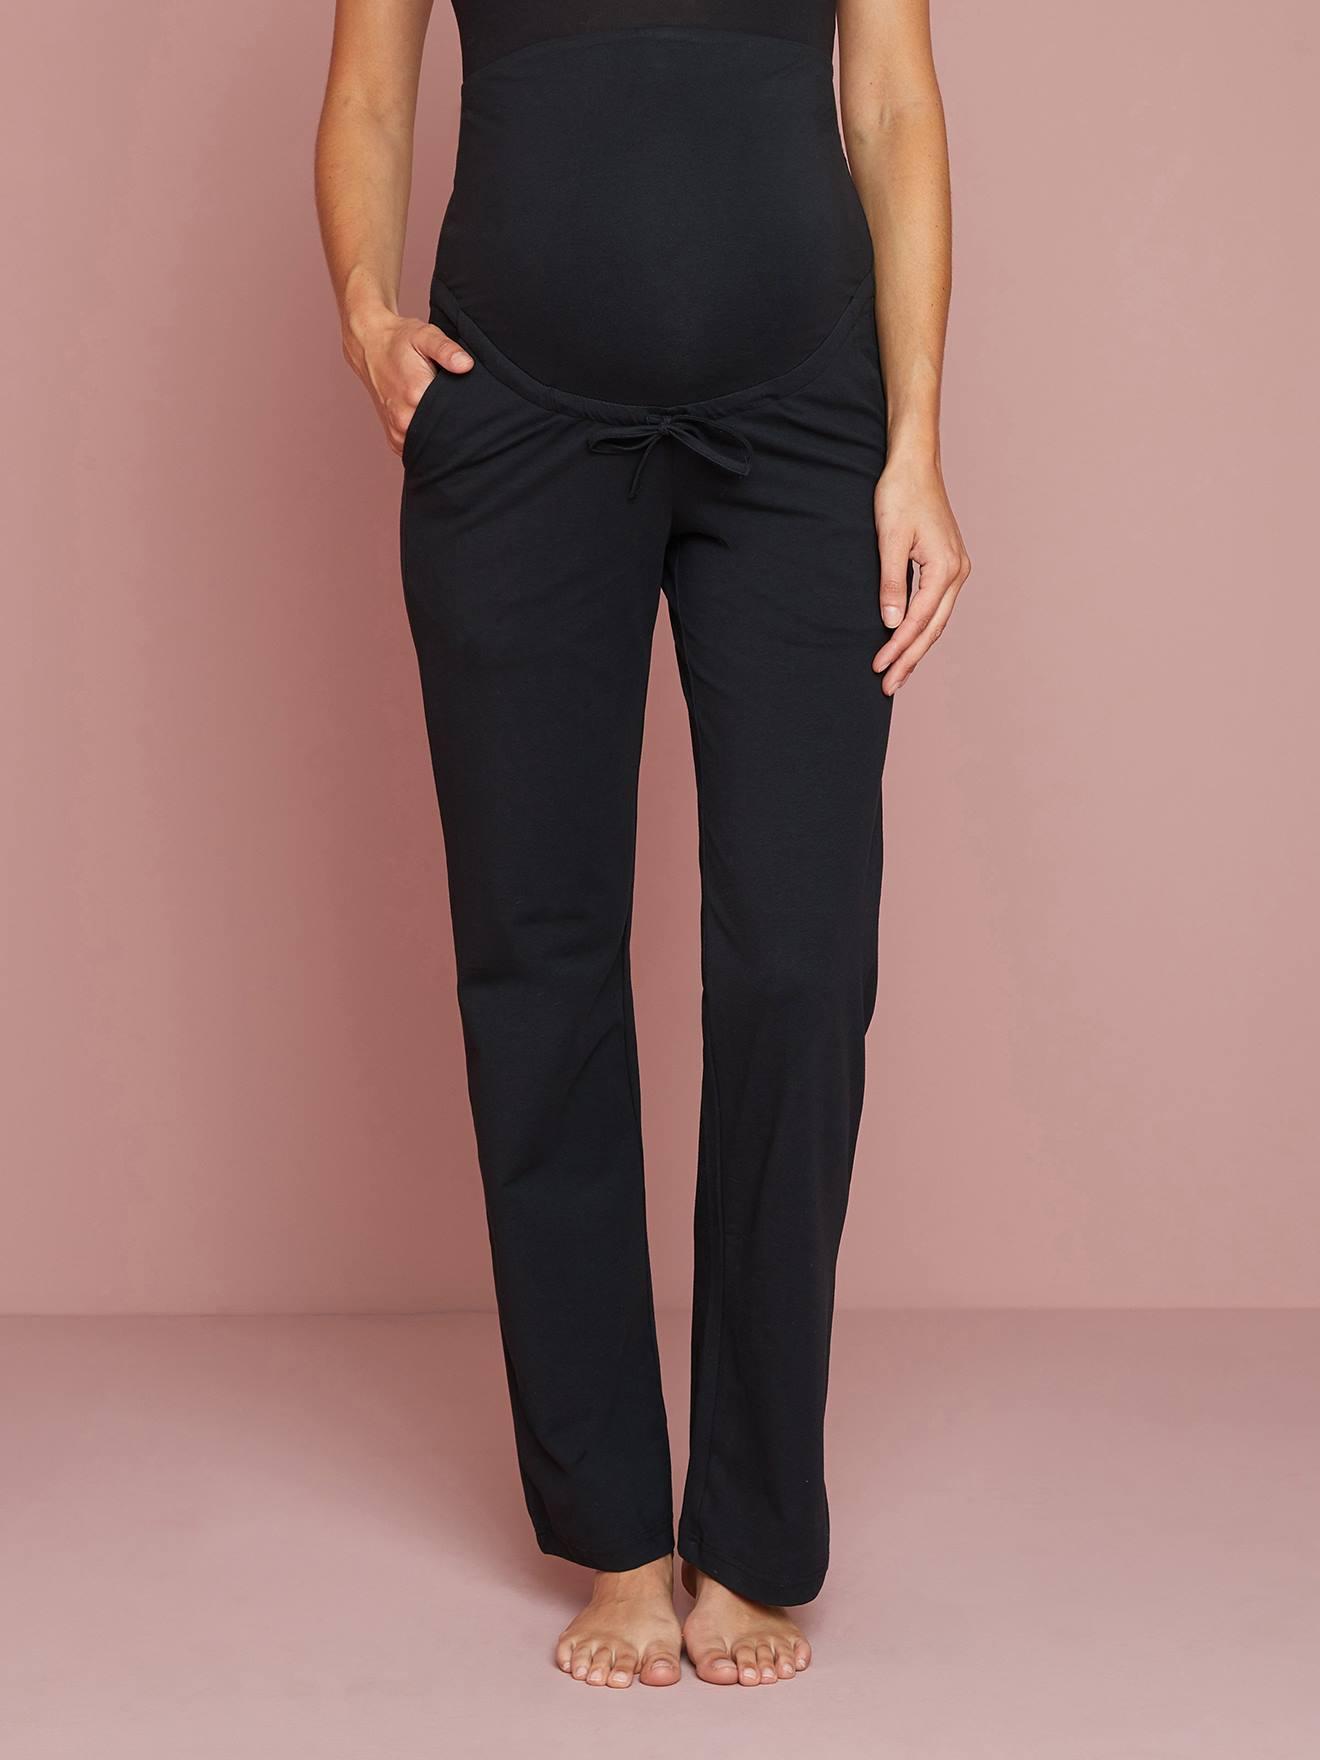 197f203e9 Pantalón para yoga de embarazo y post embarazo negro - Vertbaudet